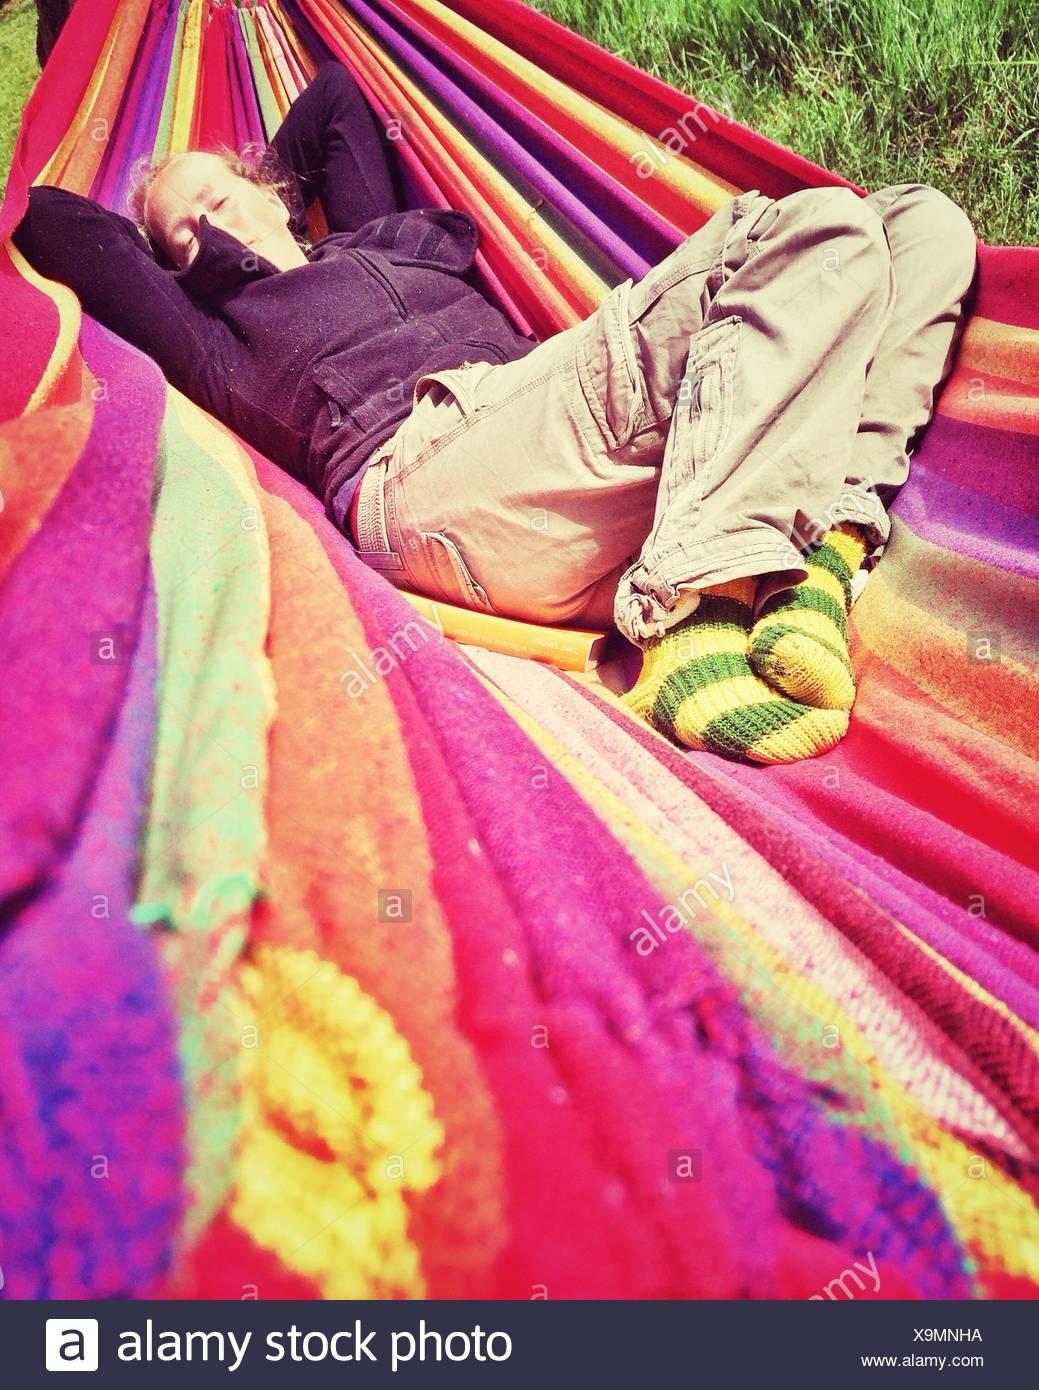 Mujer descansando en una hamaca Imagen De Stock